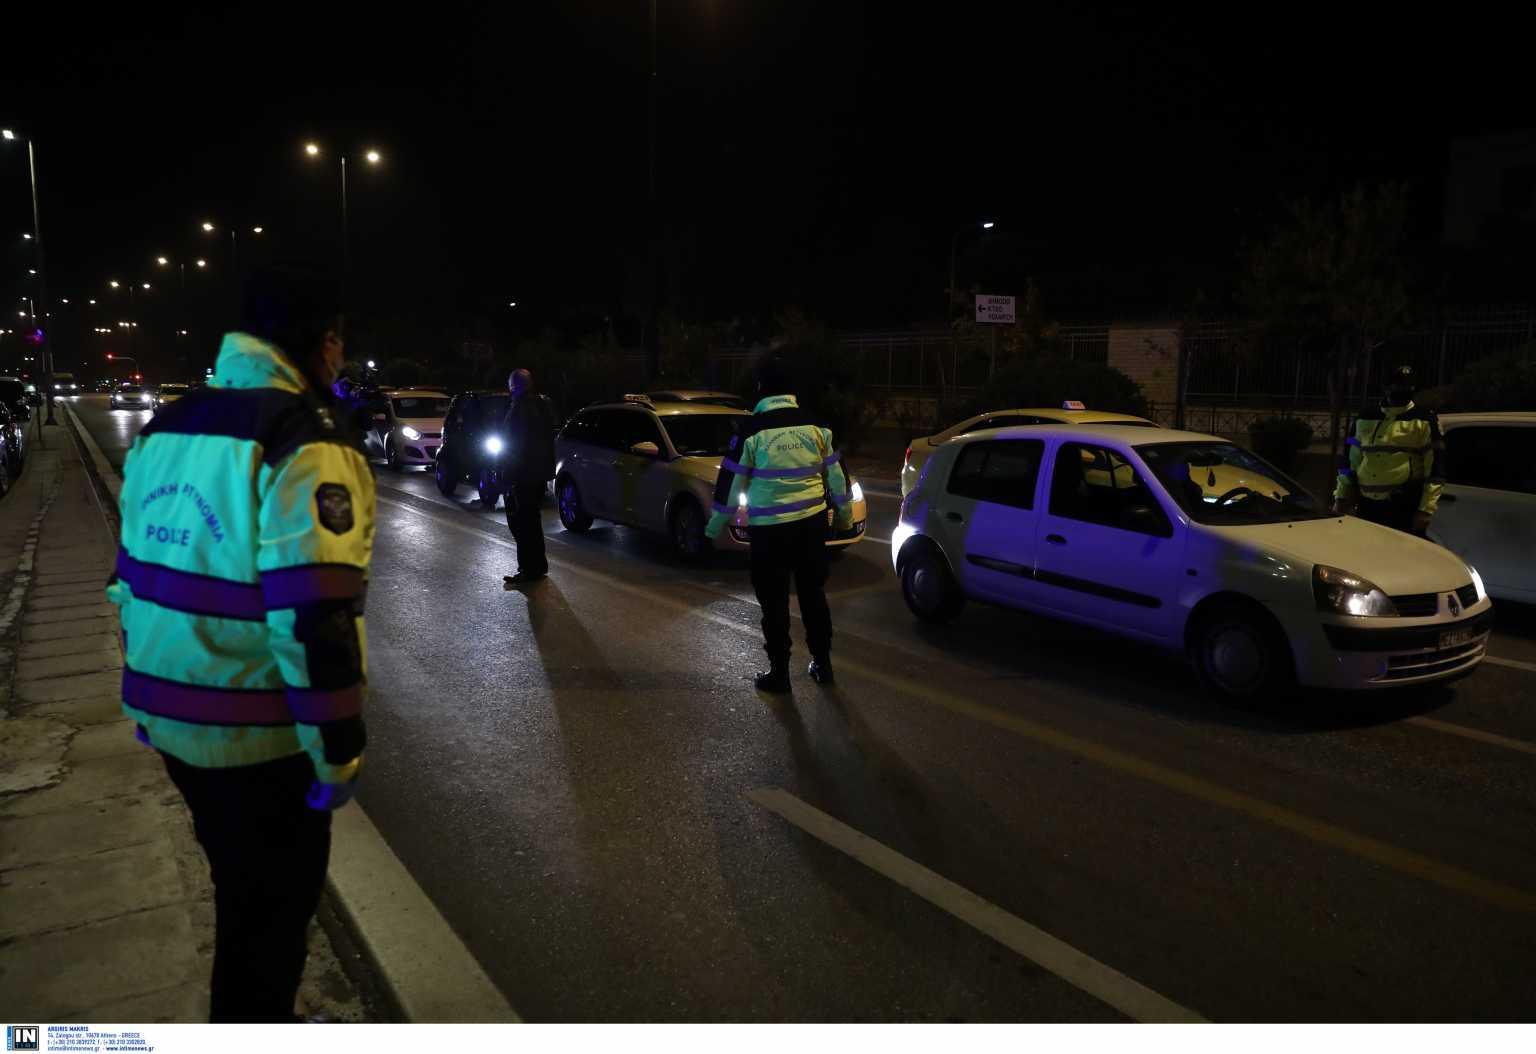 Παραμονή πρωτοχρονιάς με πρόστιμα και συλλήψεις – Τι έδειξαν οι έλεγχοι για την τήρηση των μέτρων